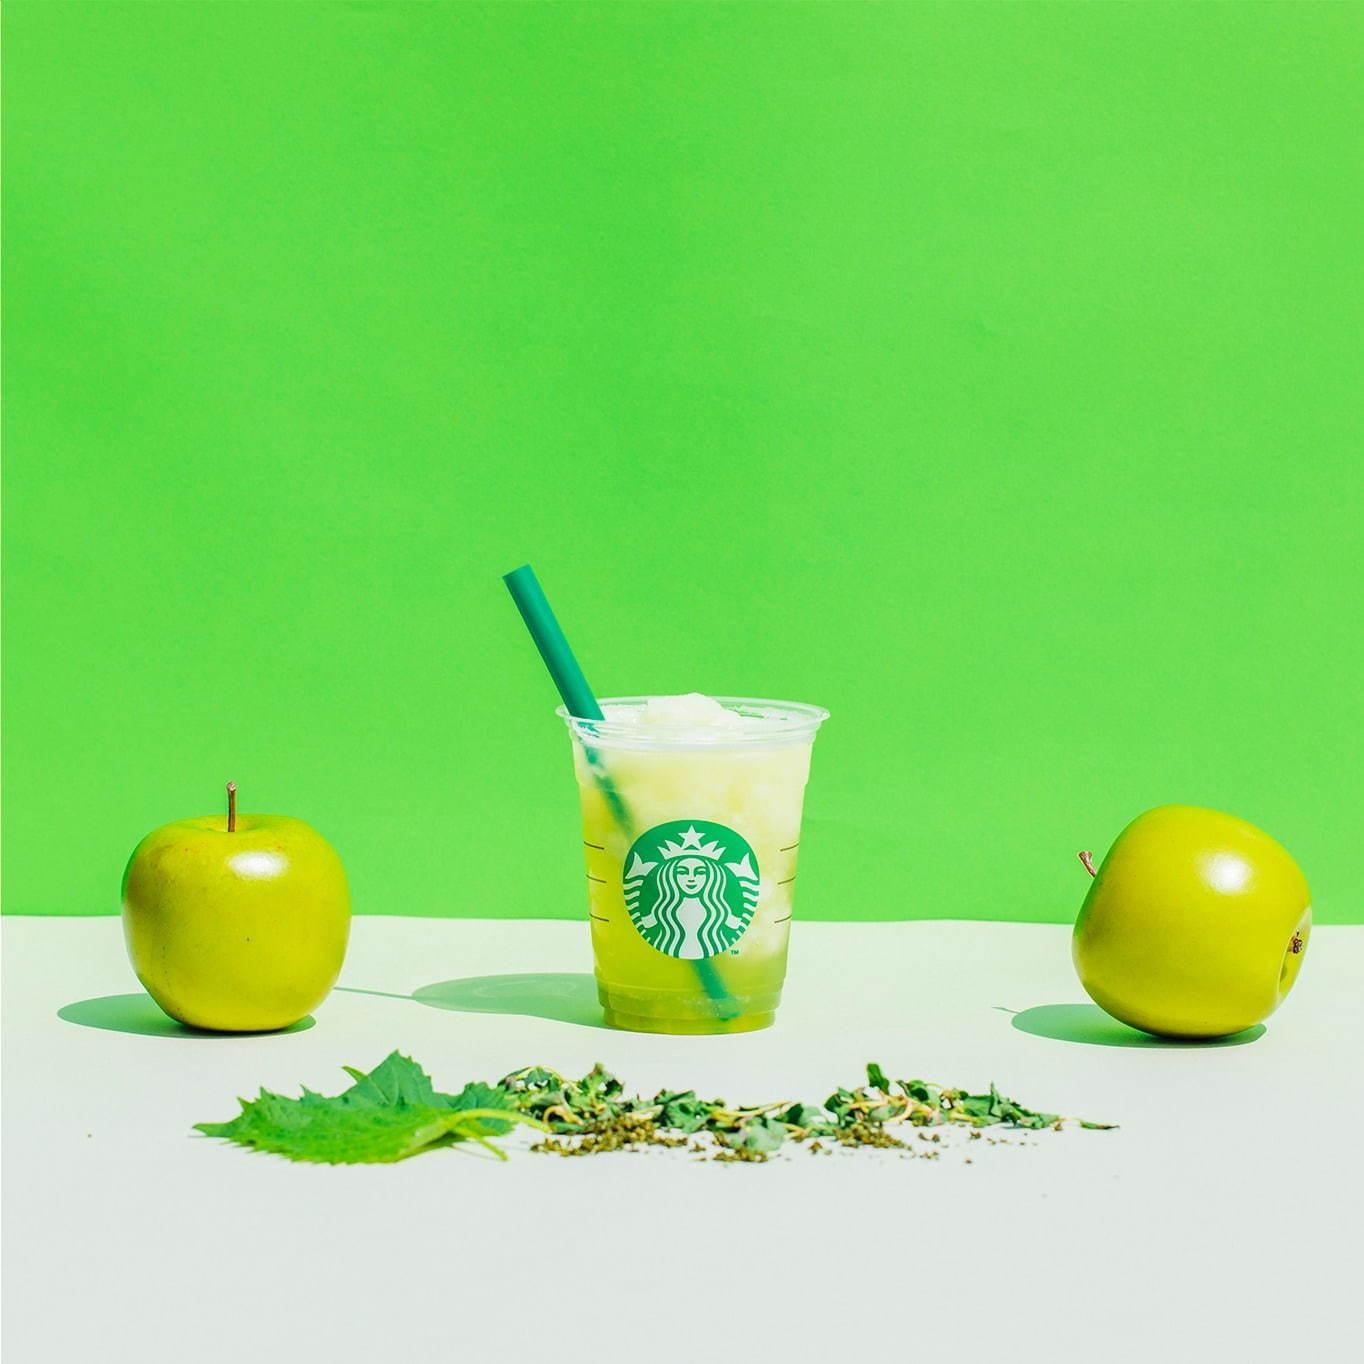 スタバ新作期間限定『ティバーナフローズンティー 香る煎茶 × グリーンアップル』